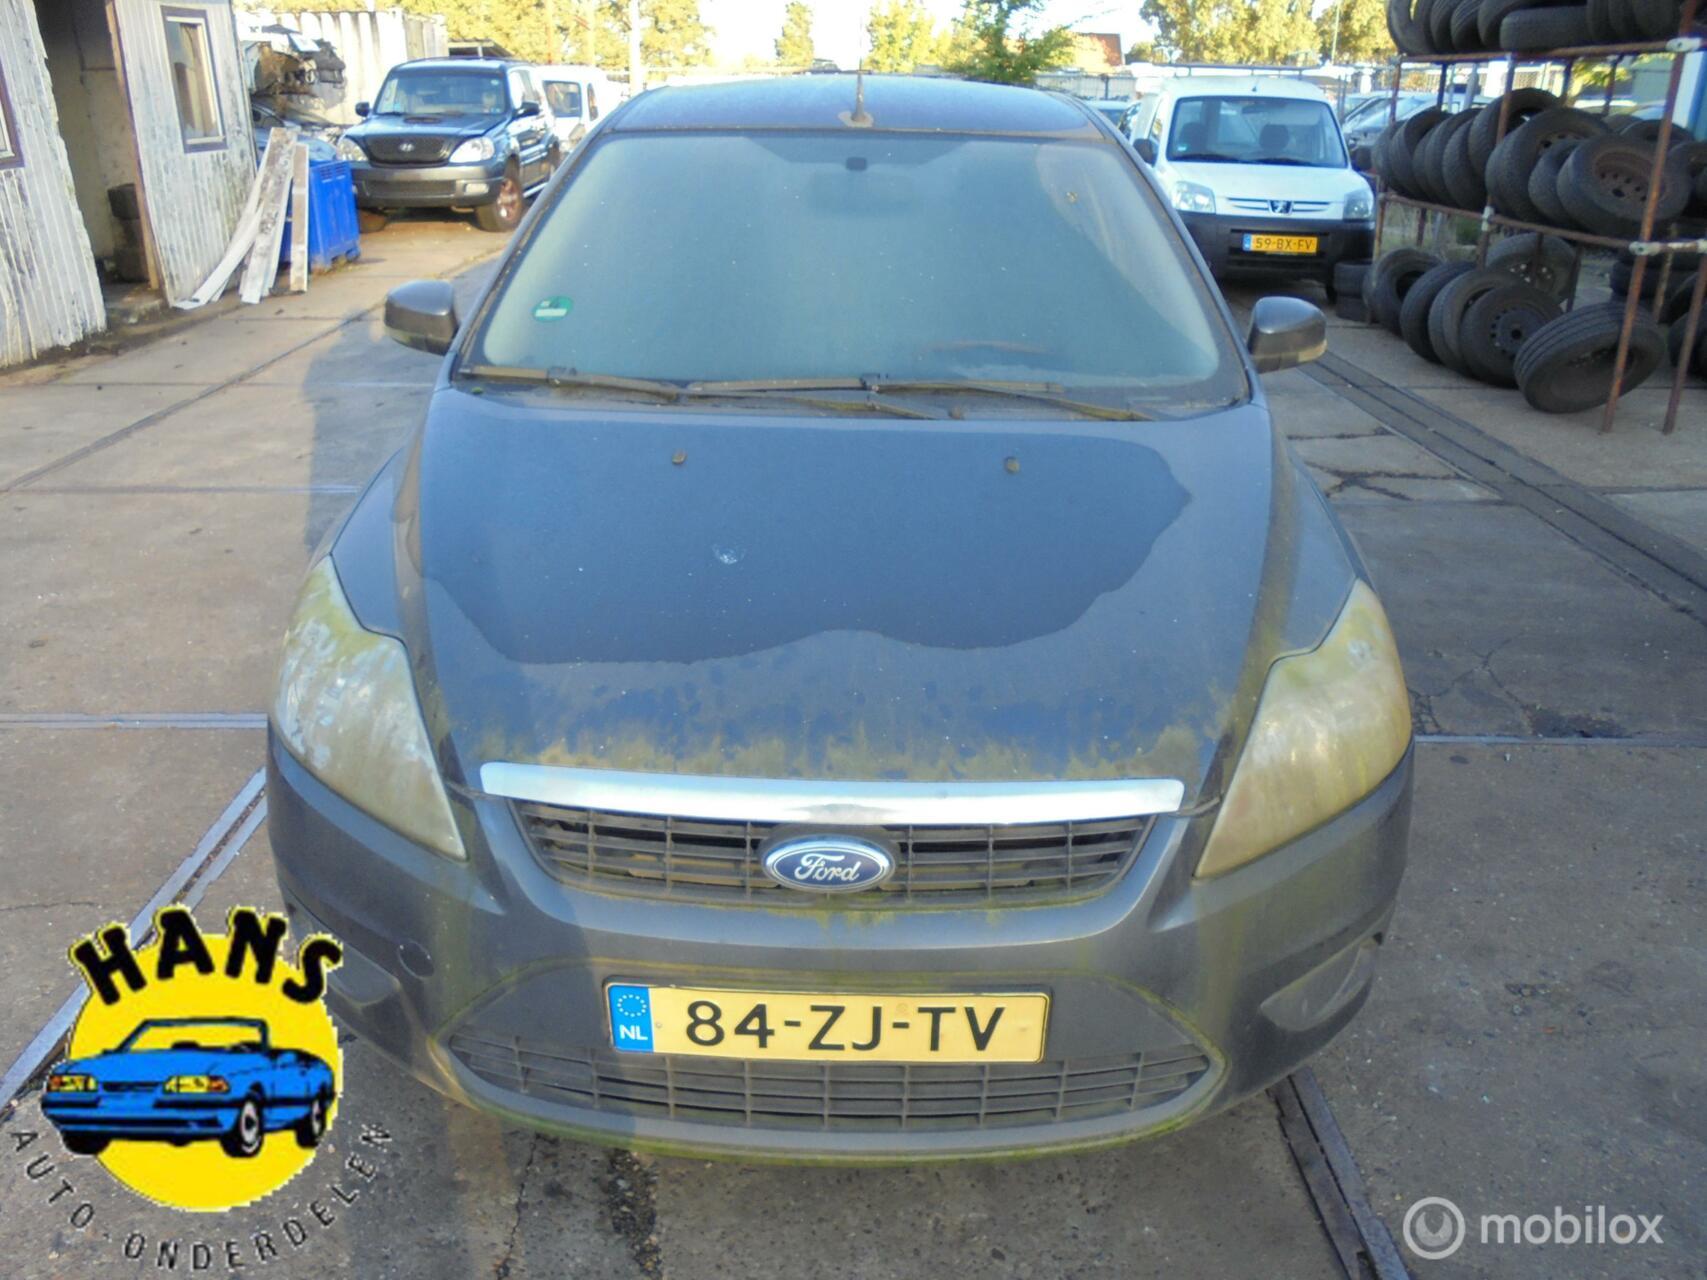 Ford Focus Wagon 1.6 TDCi Titanium 2006 - 2012